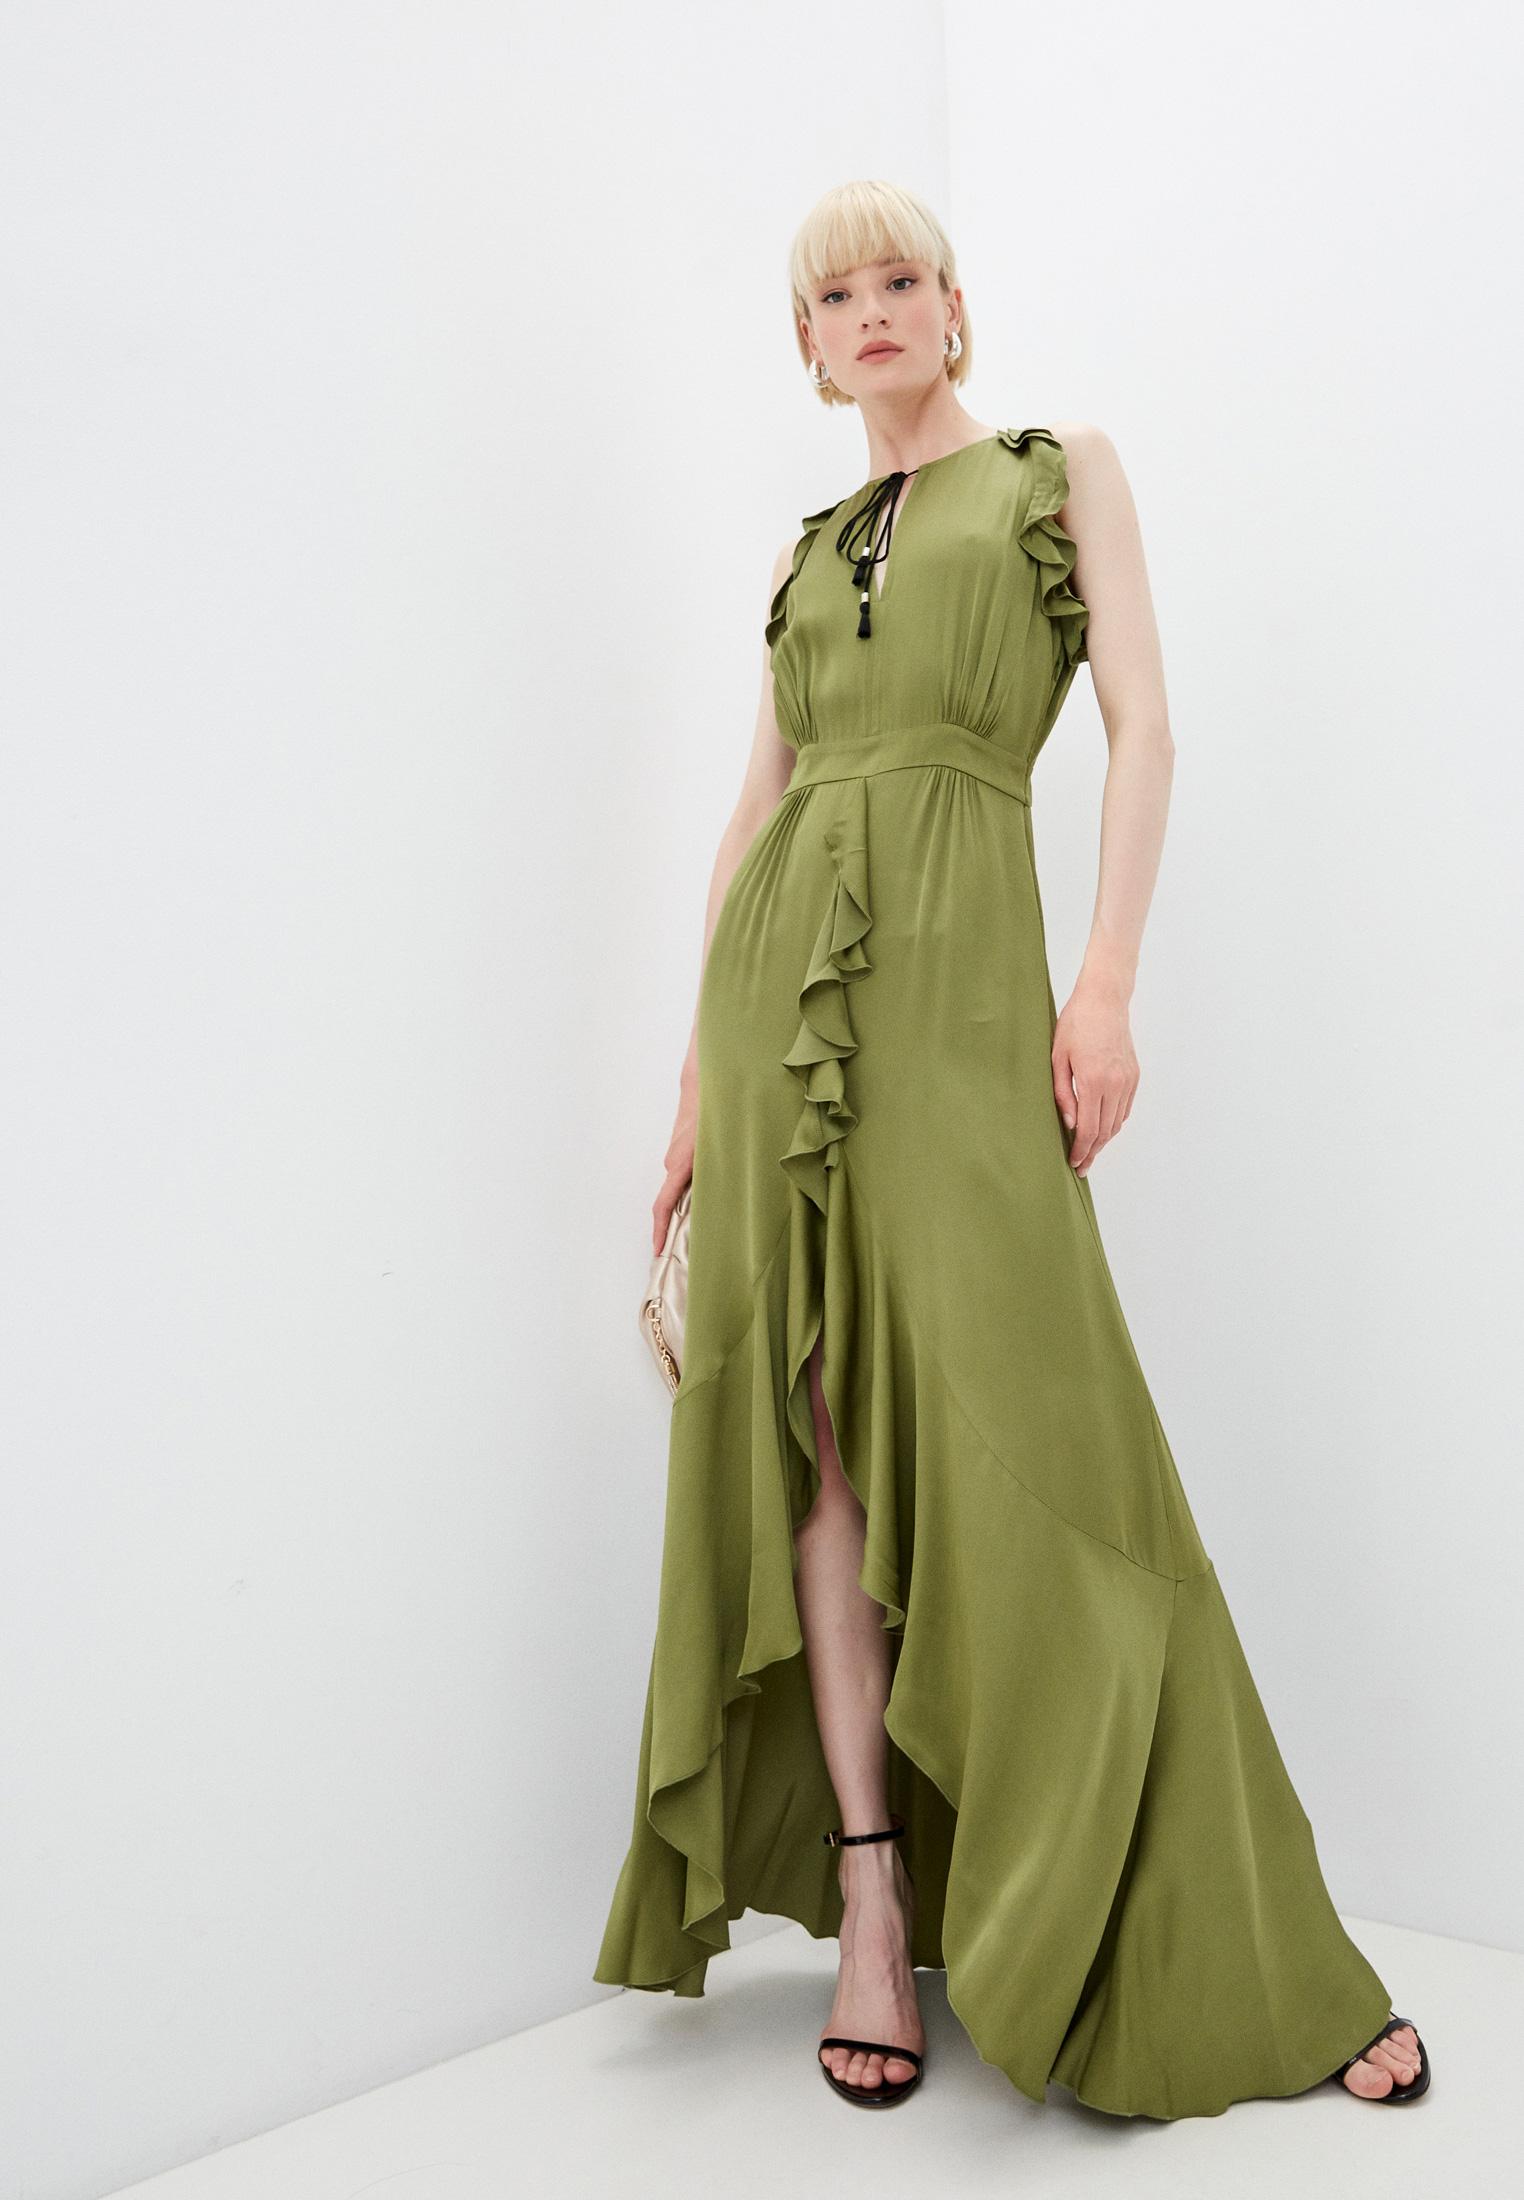 Платье Just Cavalli (Джаст Кавалли) Платье Just Cavalli